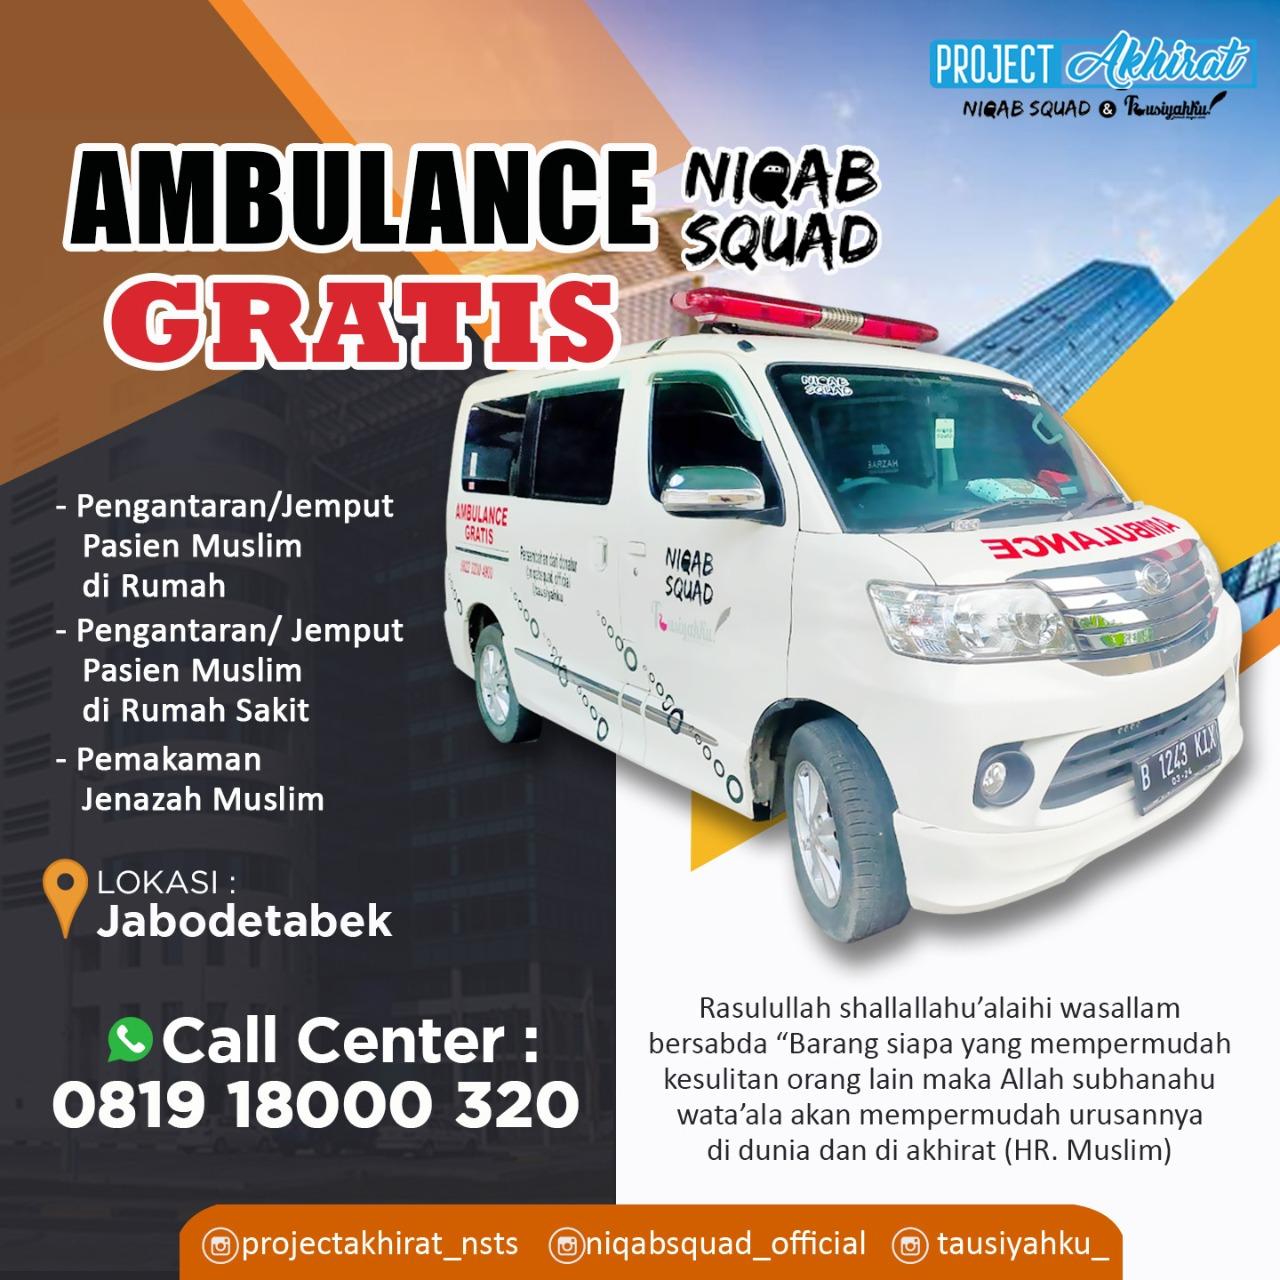 Sedekah Operasional Ambulance Gratis Untuk Yatim & Dhuafa